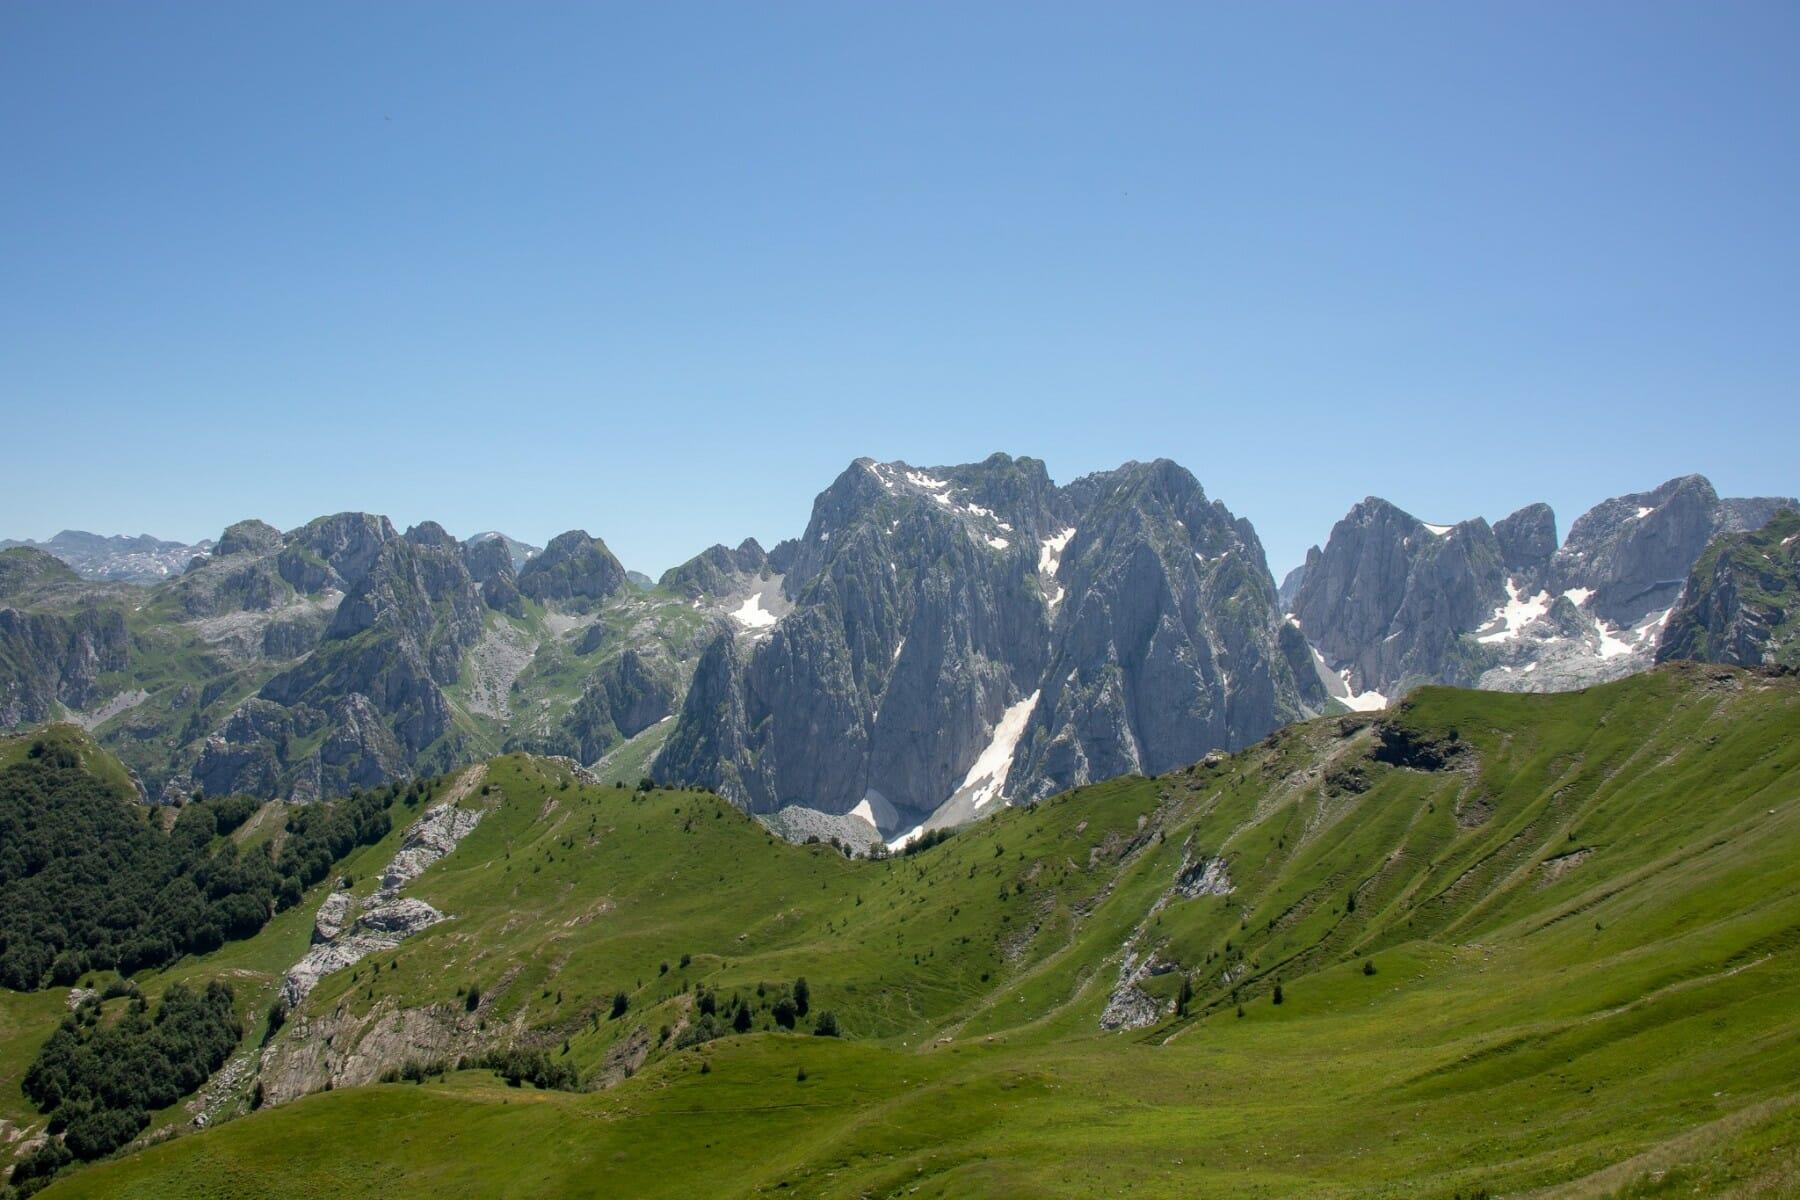 Prokletije-high-peaks-green-meadows